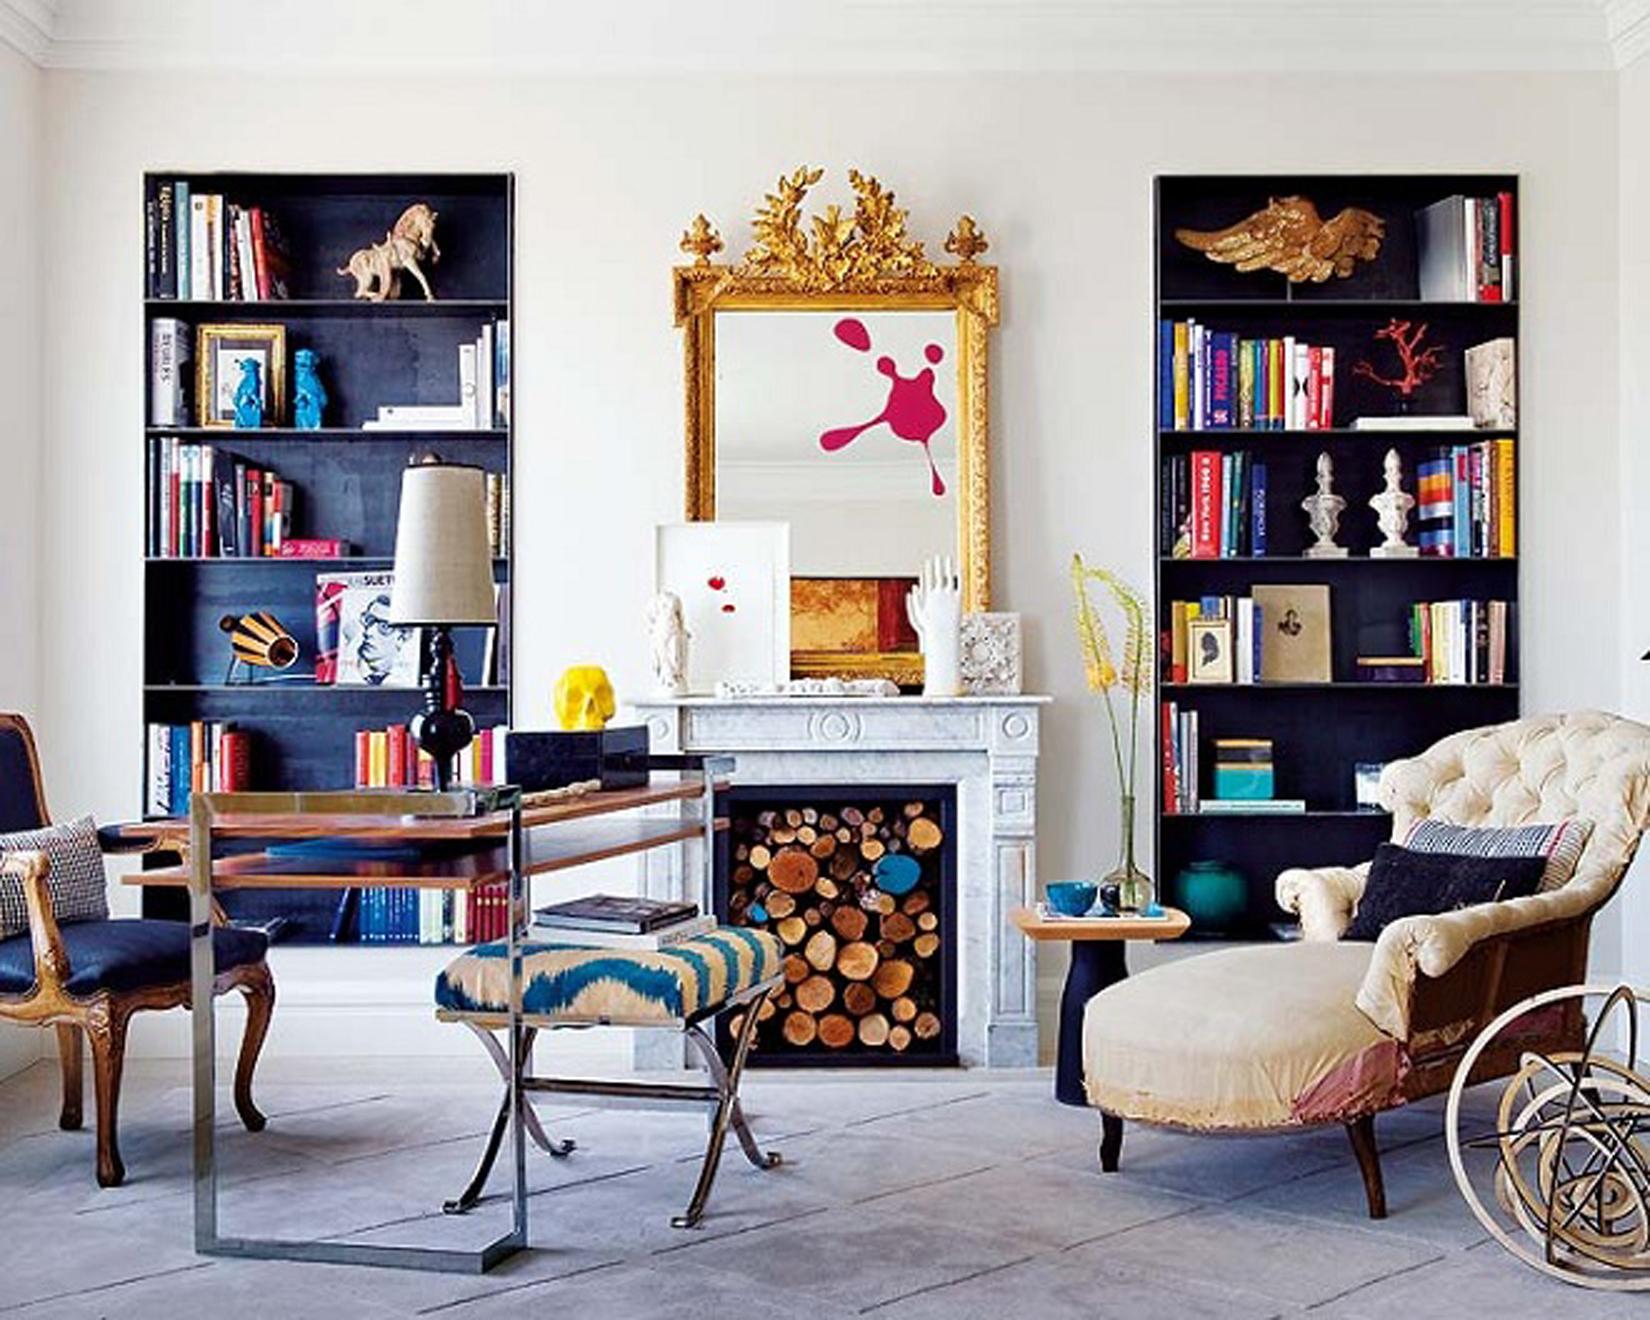 harmonious-interiors-eclectic-mix-patternes-interior-design-Madrid-home-1